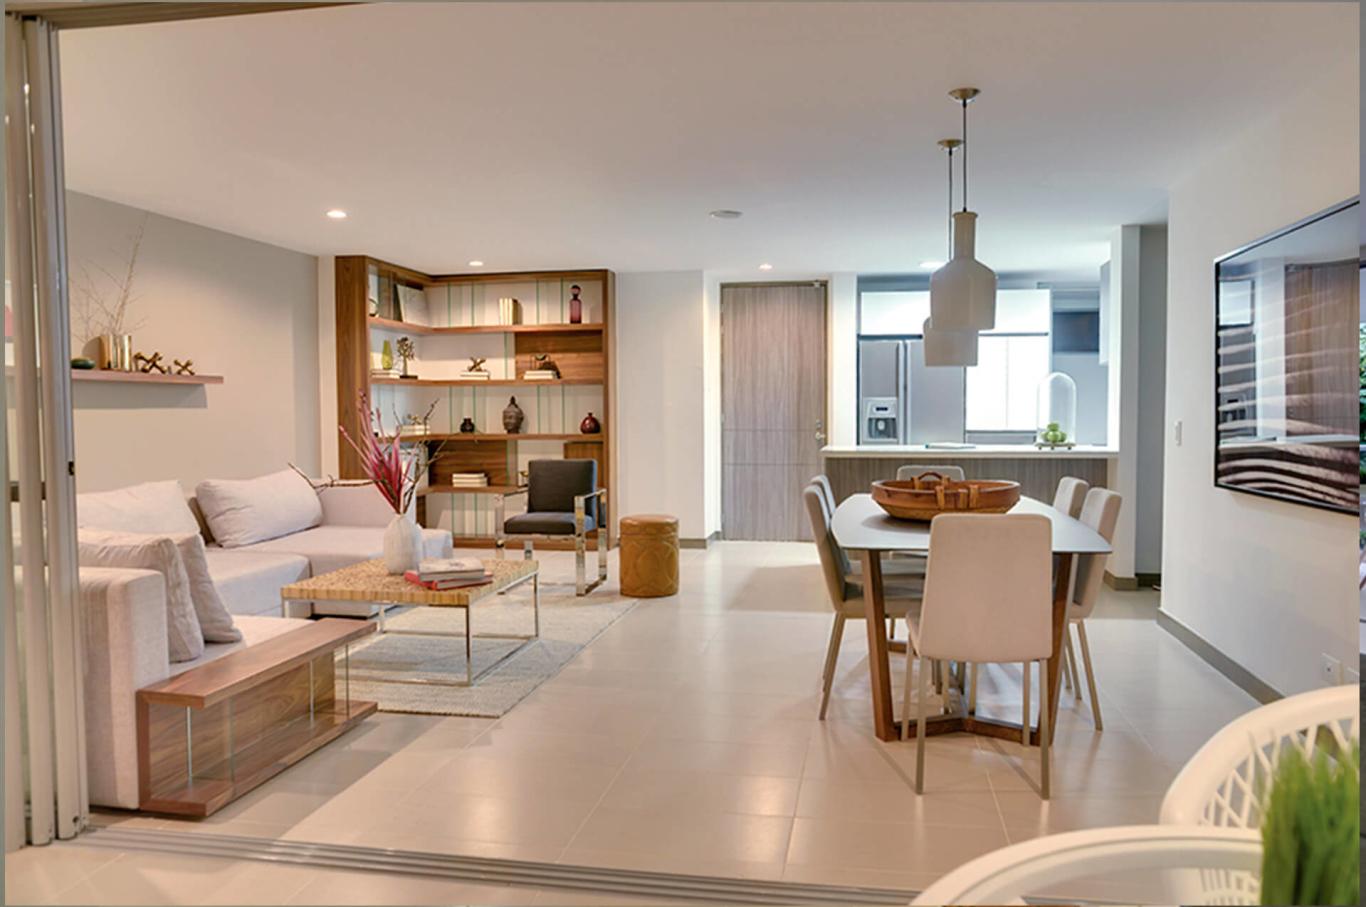 101416 - Venta Apartamento Sector Otraparte Envigado Medellin